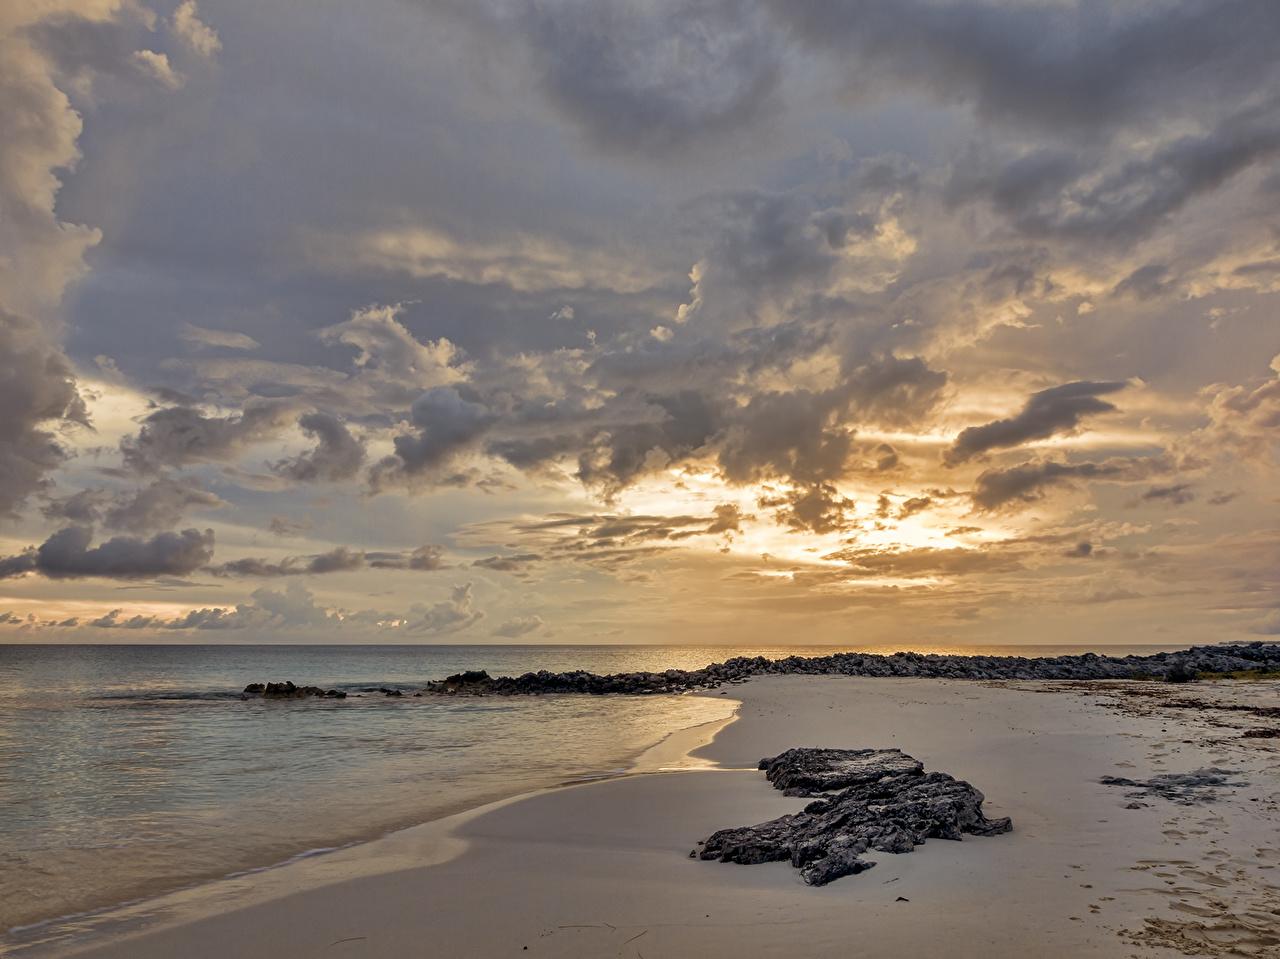 Tapeta Plaże Morze przyroda Niebo Wybrzeże Chmury plaża Natura